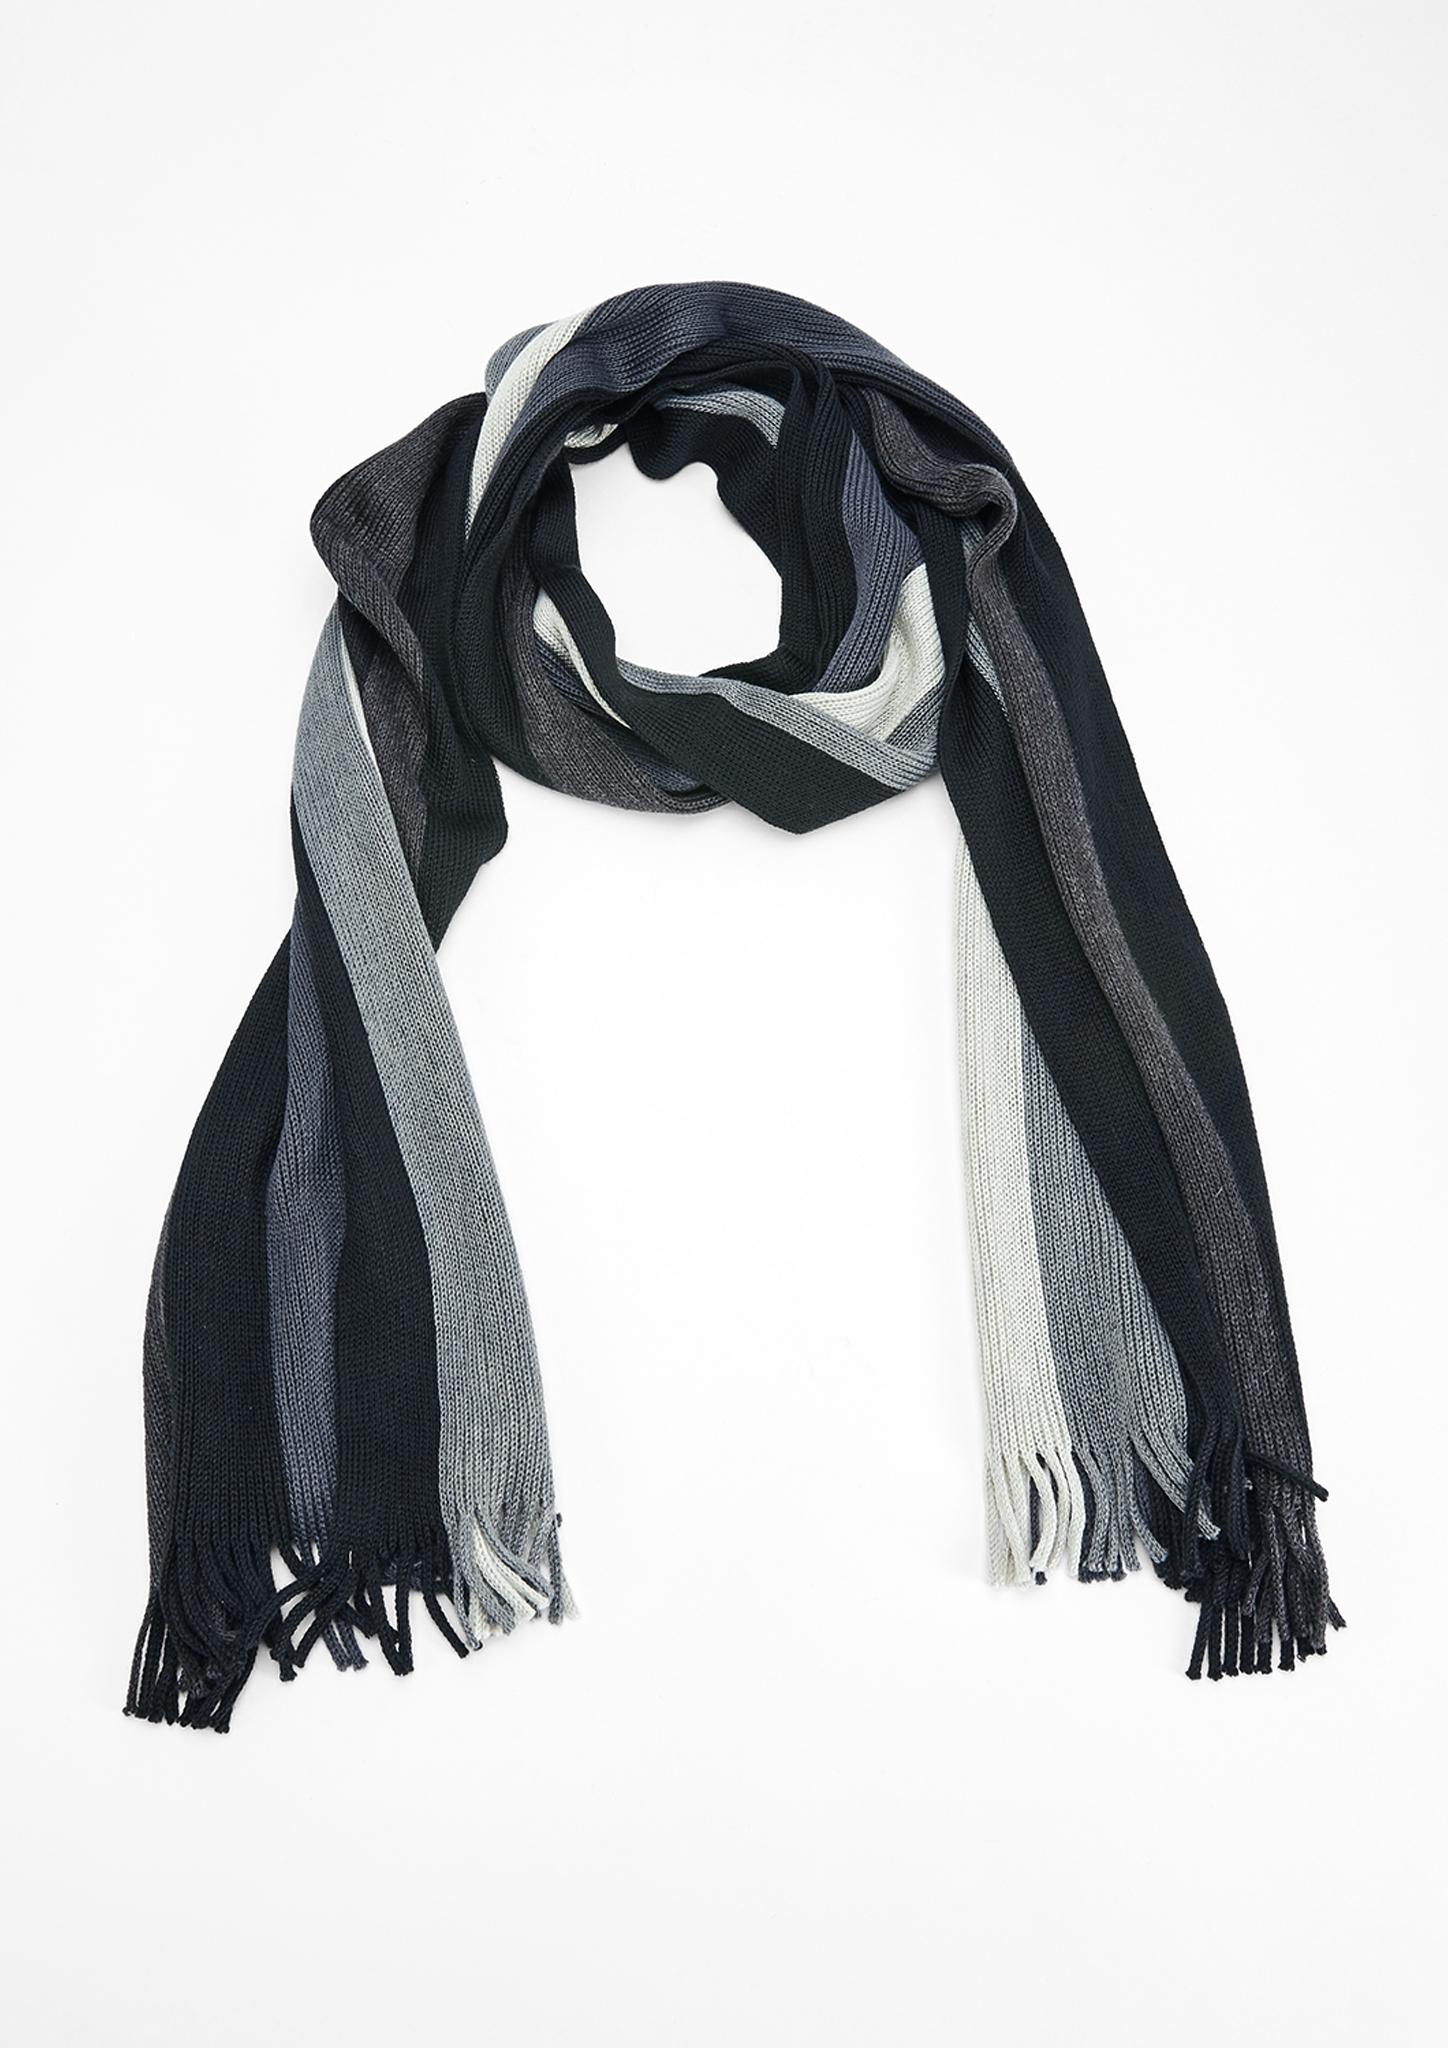 Streifenschal | Accessoires > Schals & Tücher | Grau/schwarz | 90% polyacryl -  10% wolle | s.Oliver